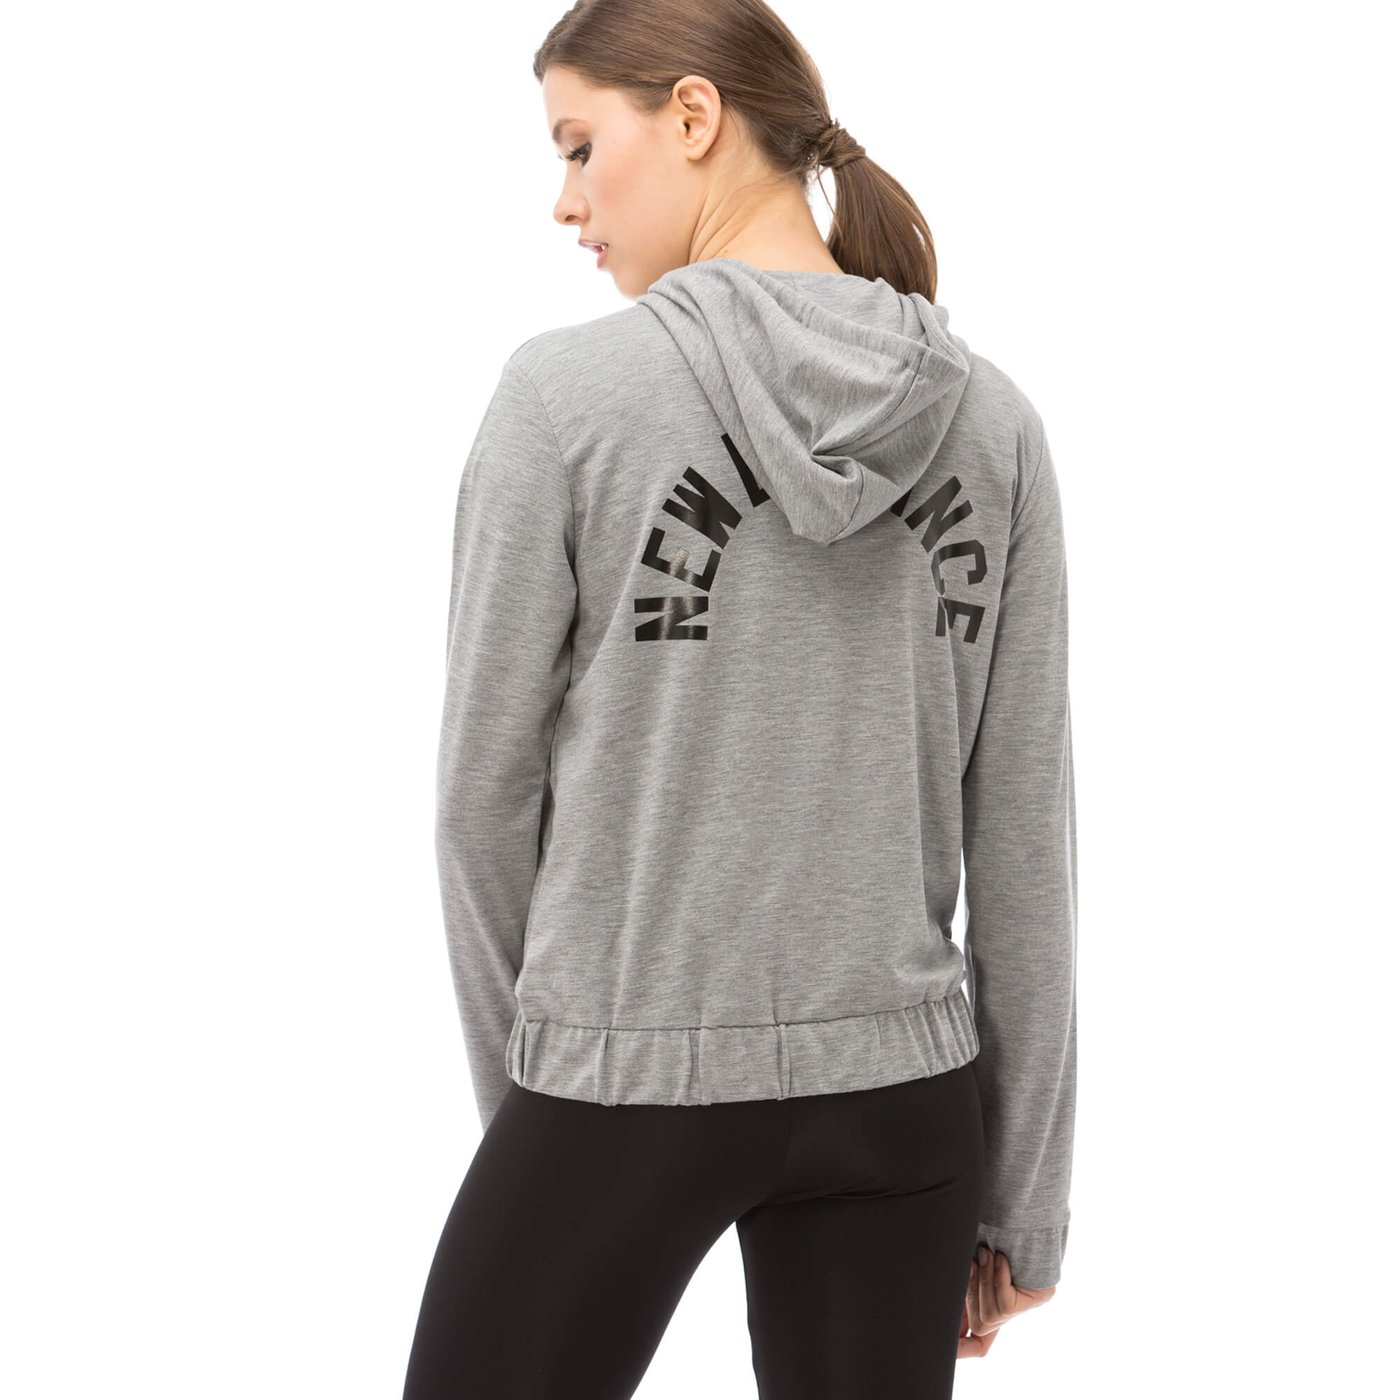 New Balance Kadın Gri Sweatshirt